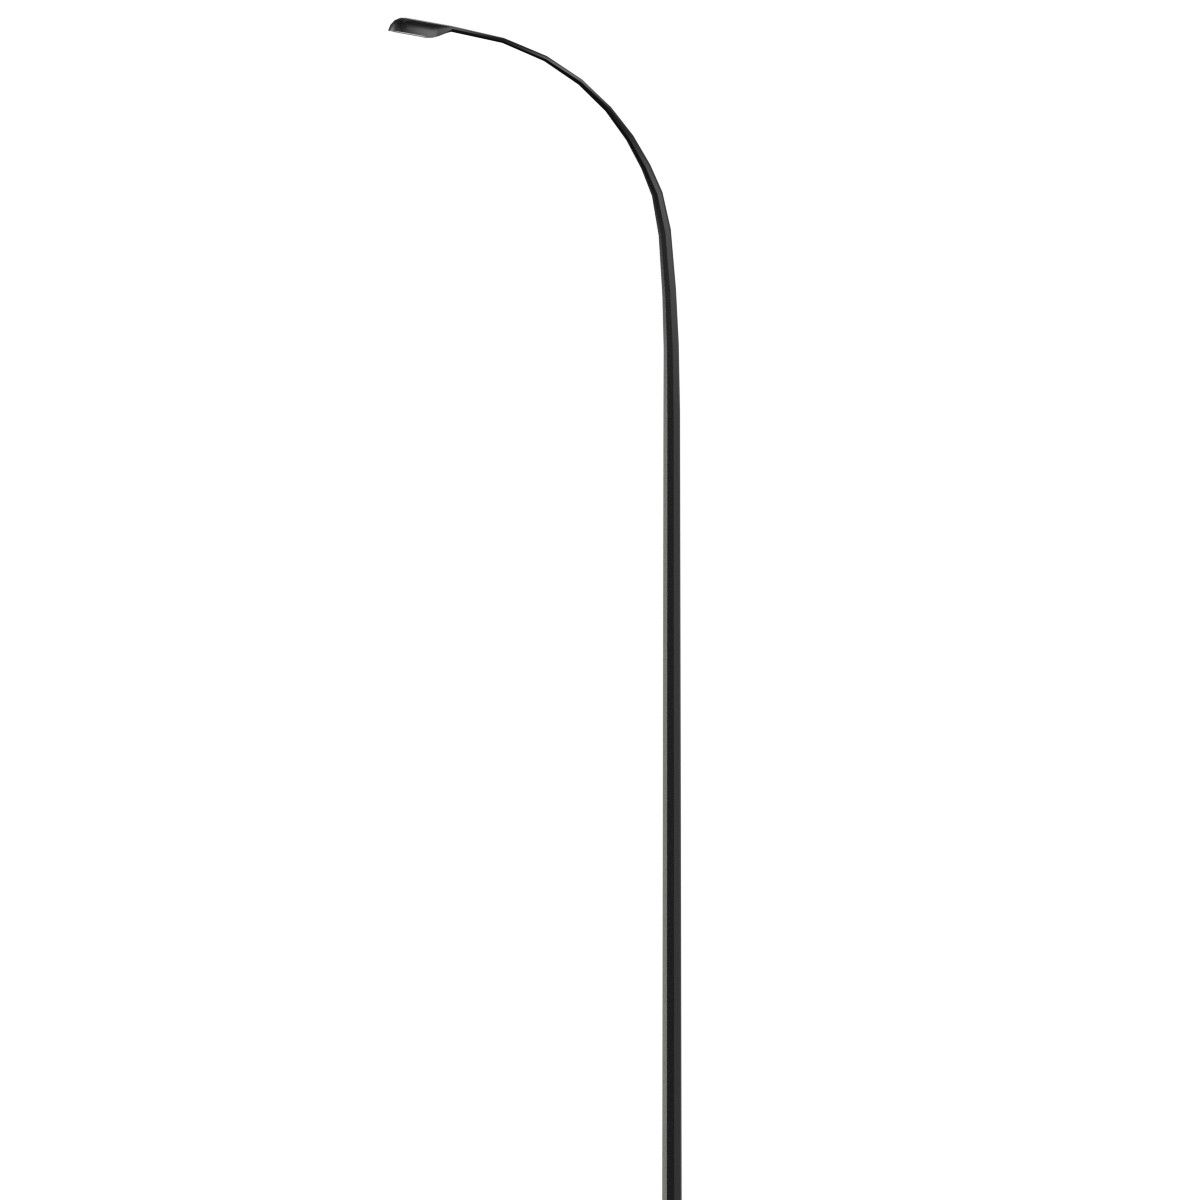 Single Street Lamp Single Street Lamp Street Lamp Lamp Lamp Logo